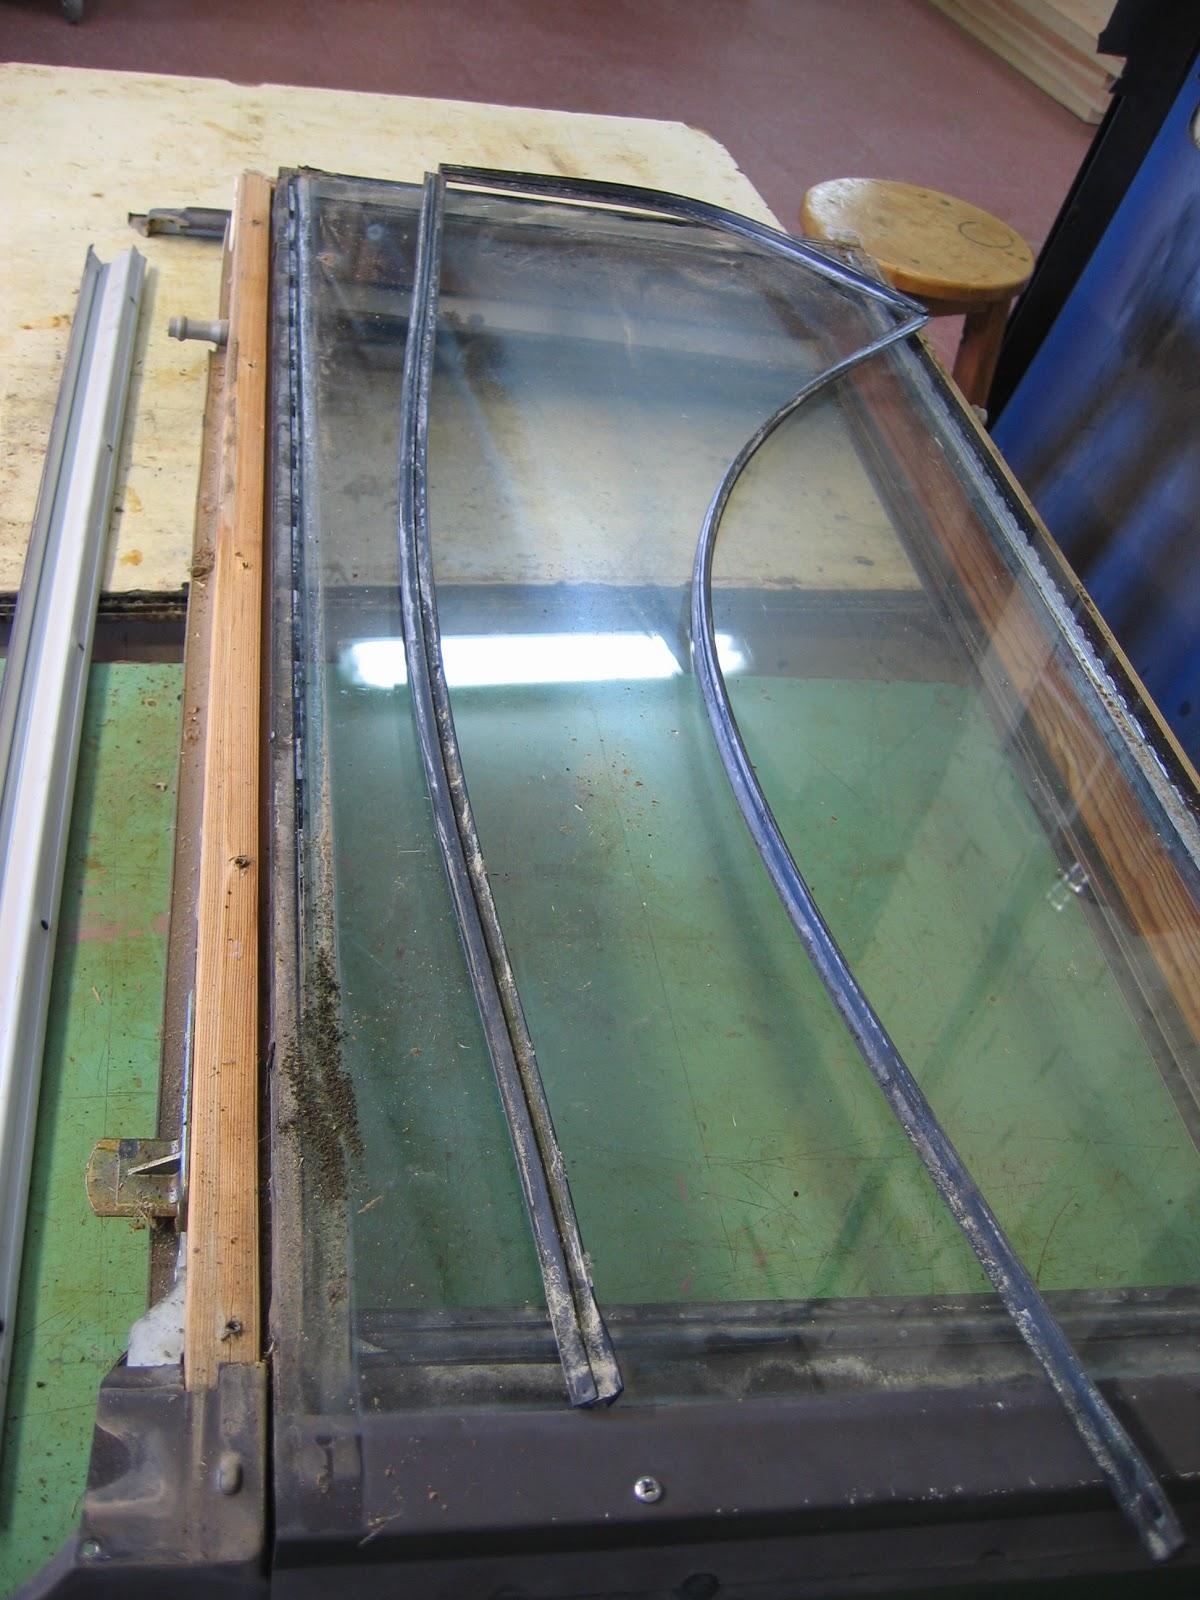 The craftsman: Reparacion de ventana de tejado marca Roto 520